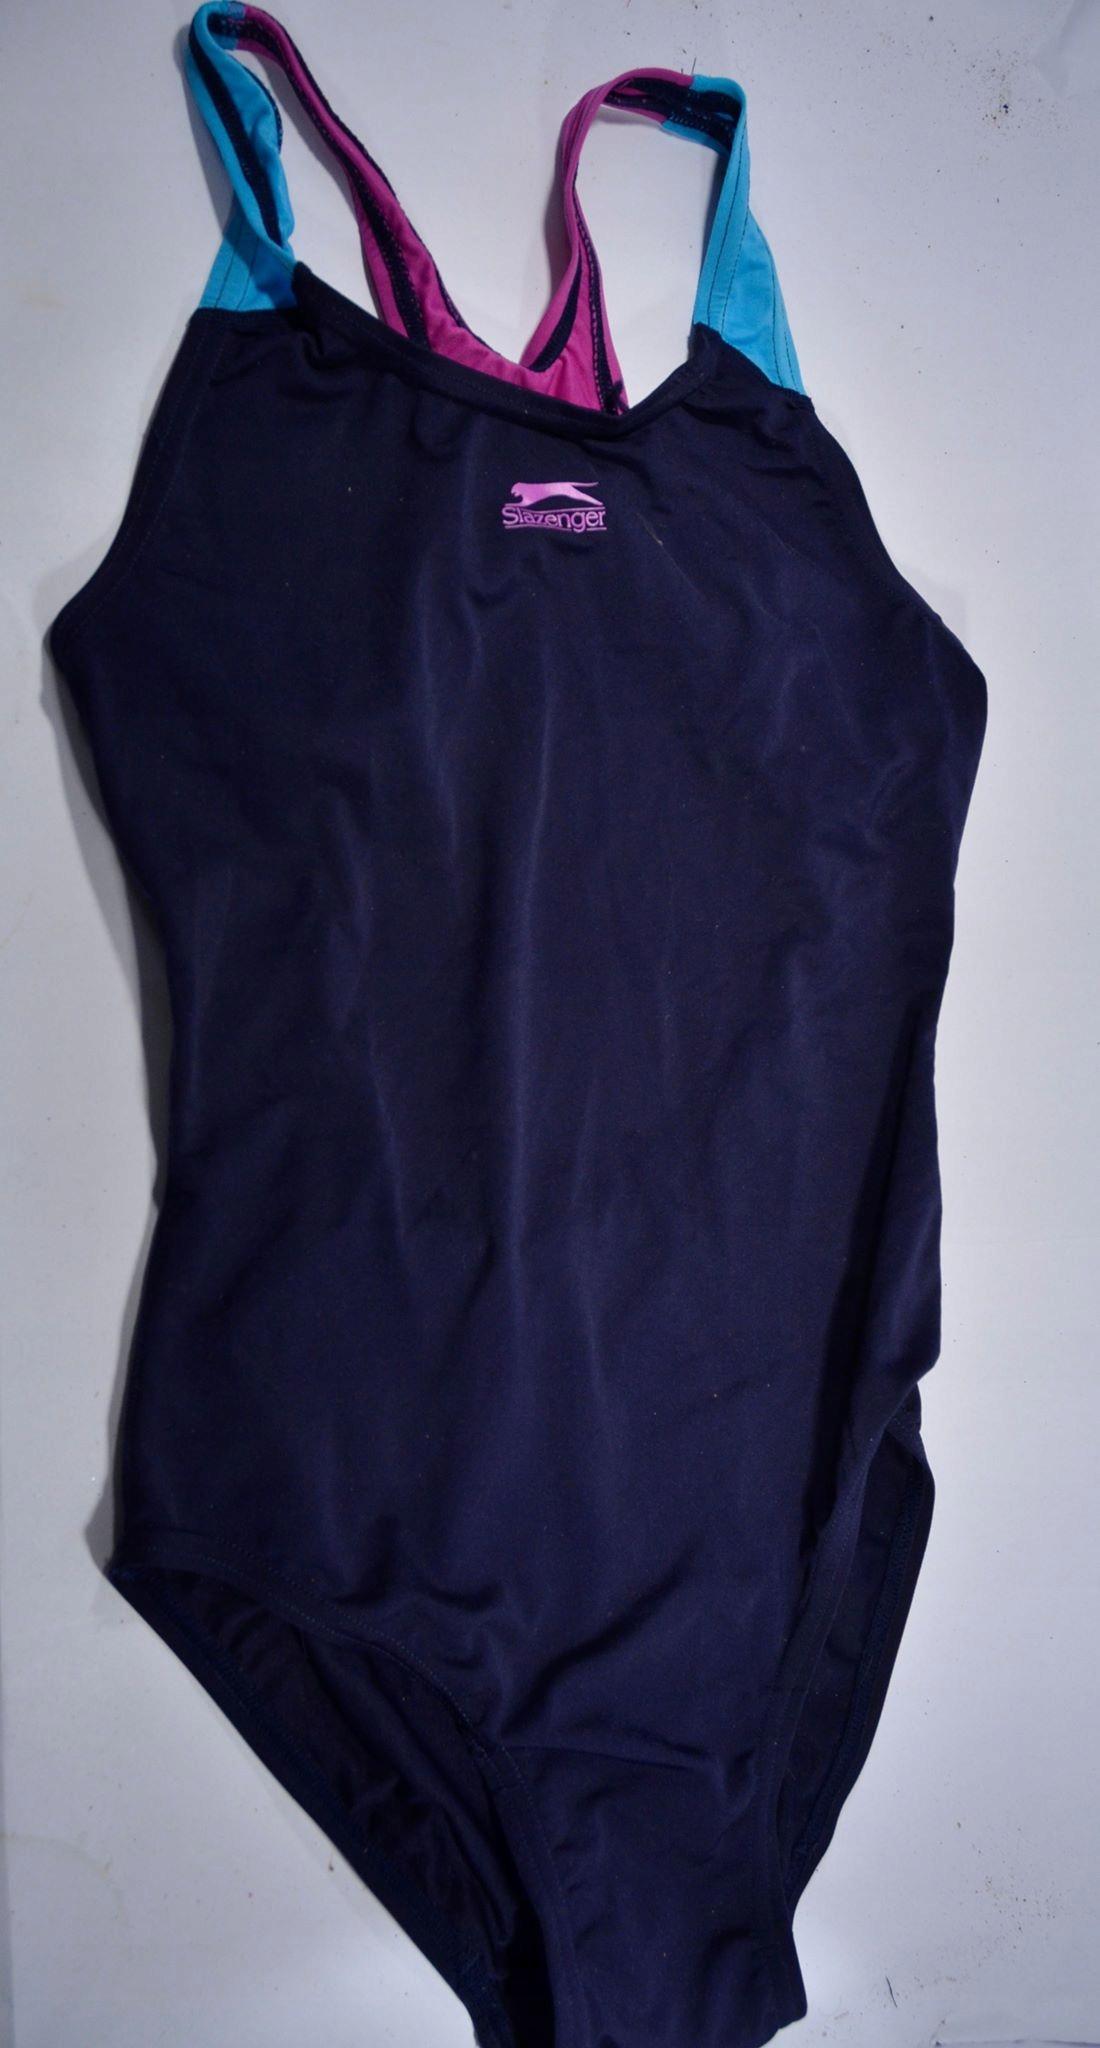 K2* Slazenger jednoczęściowy strój r. 40 uk 12